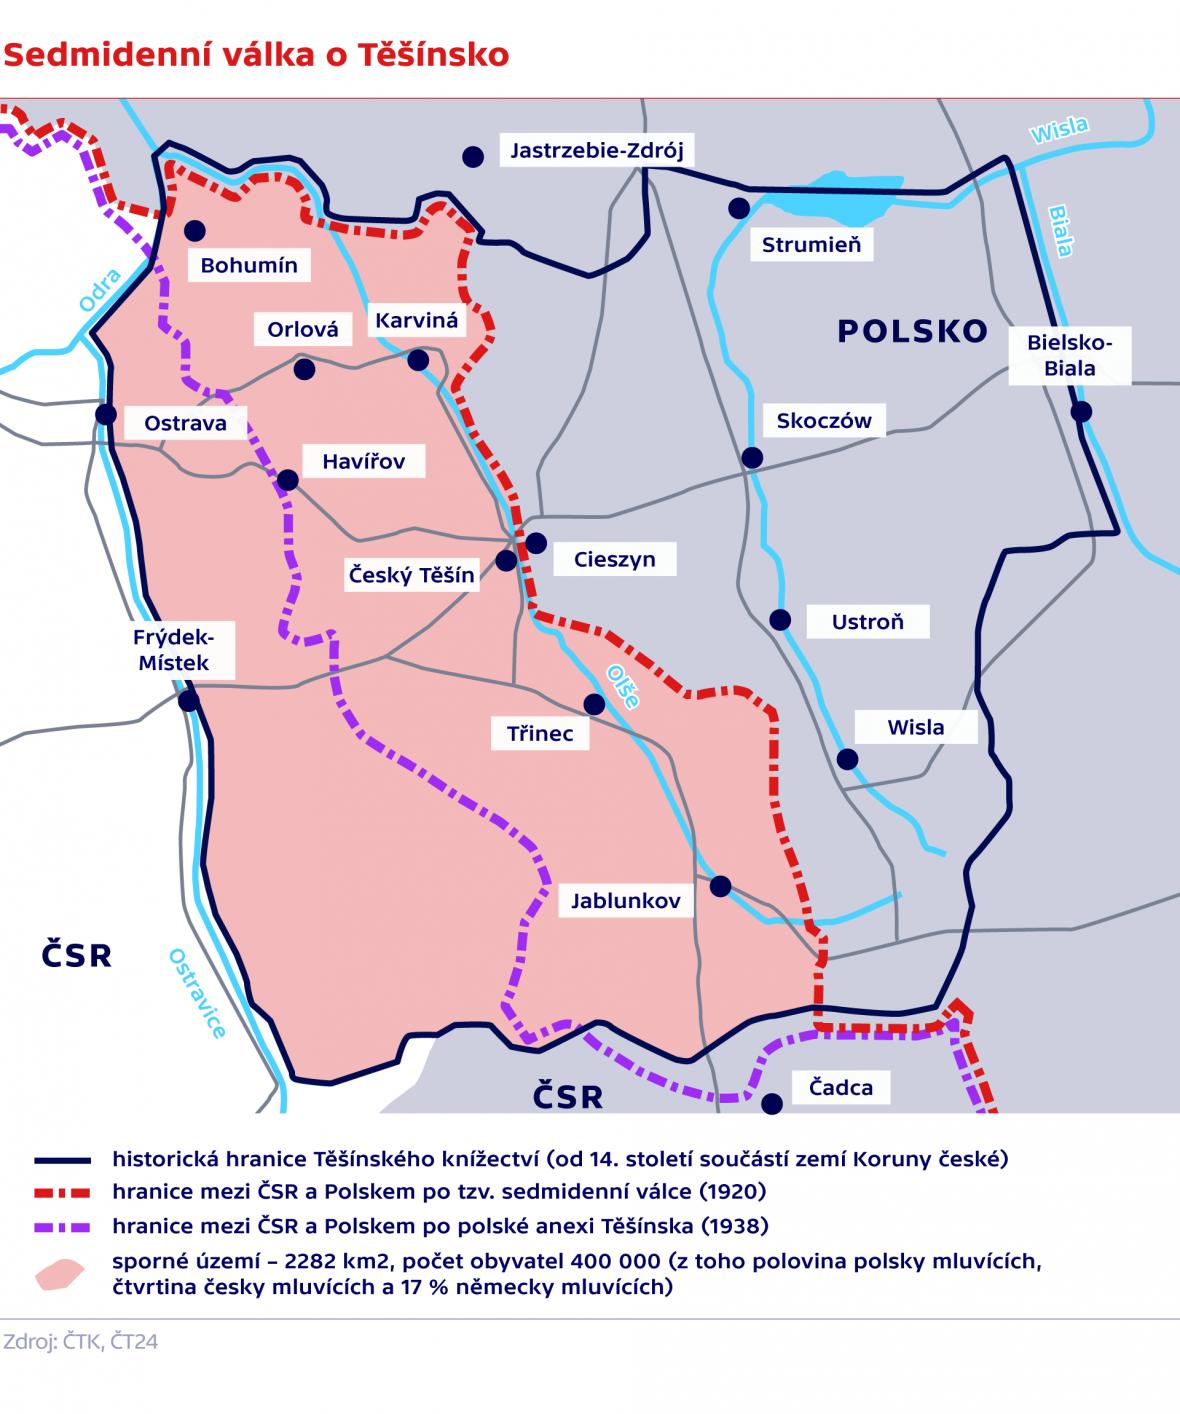 Sedmidenní válka o Těšínsko